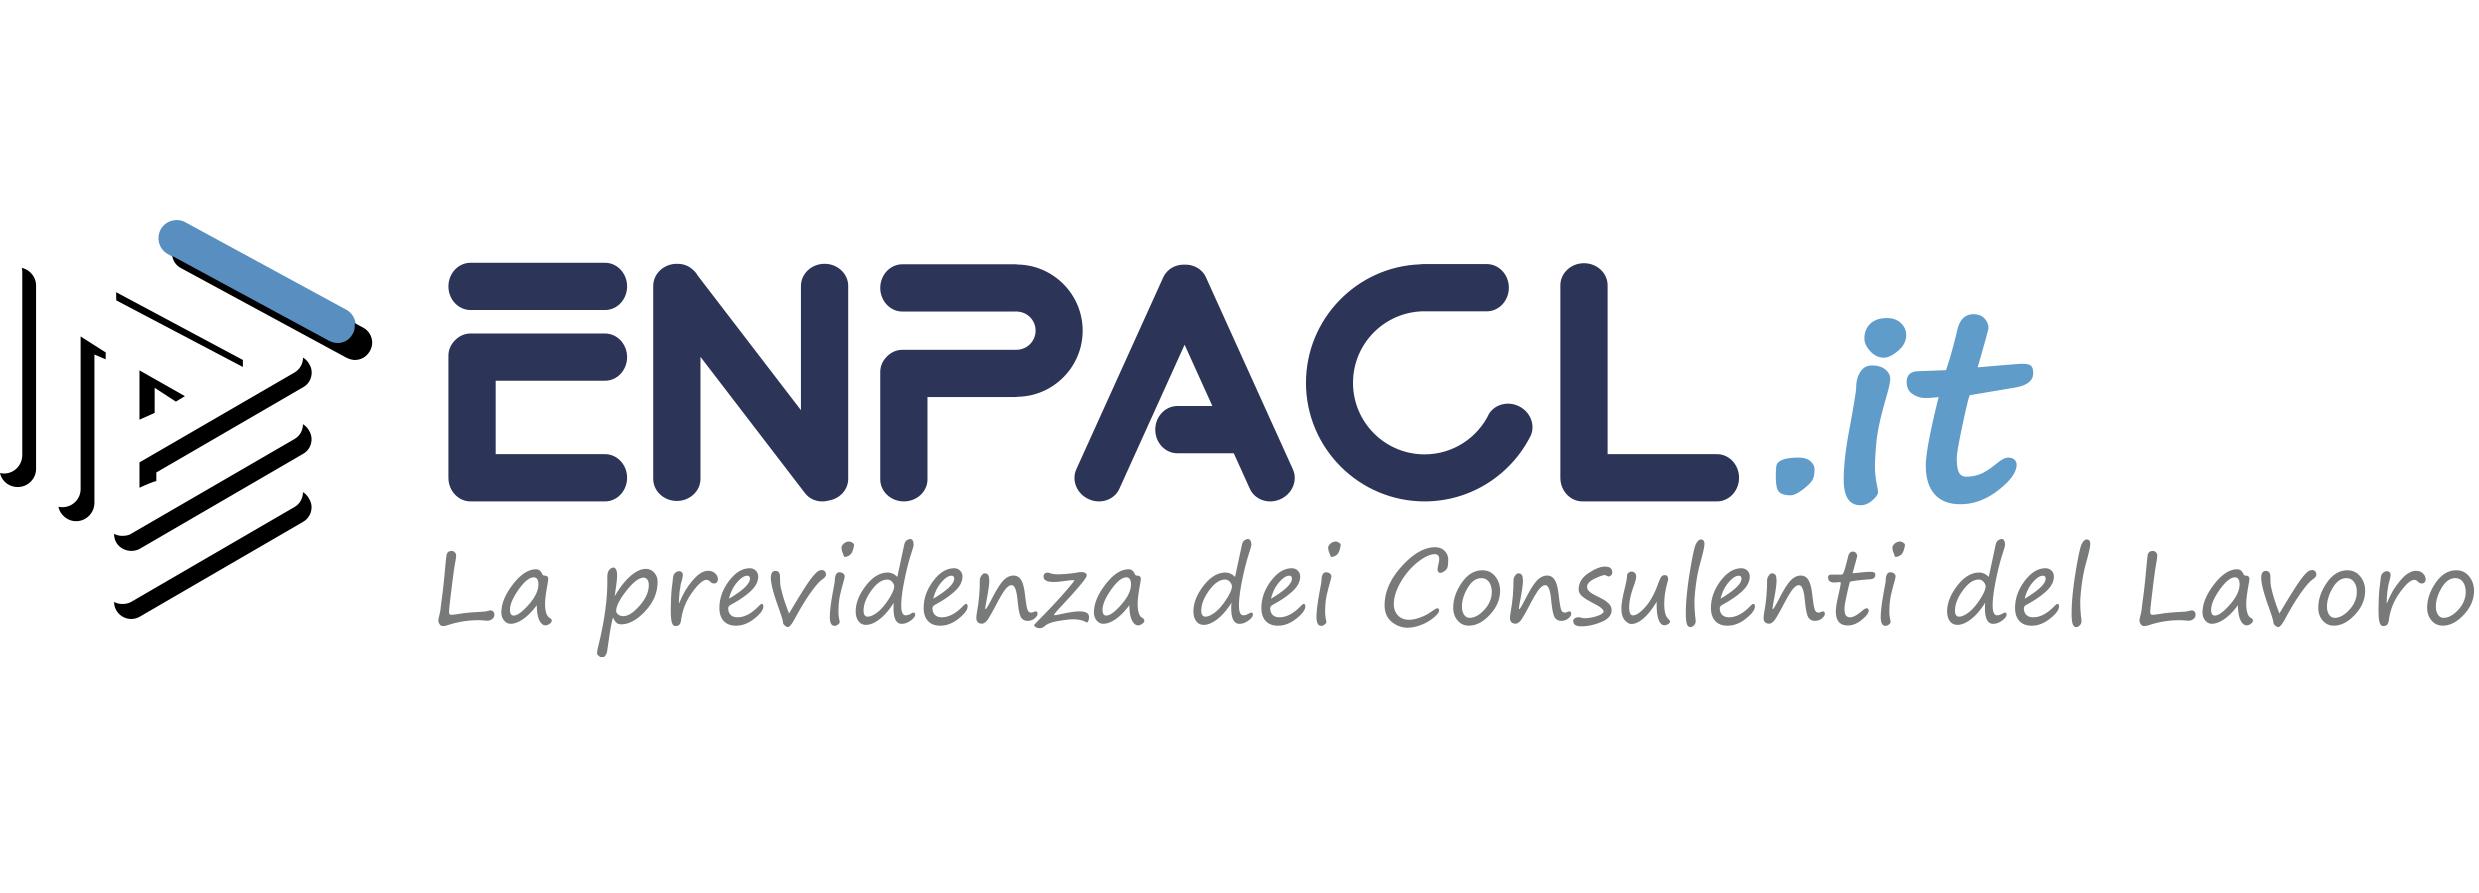 Up Cagliari - I servizi Enpacl e quelli Teleconsul 15/01/2021